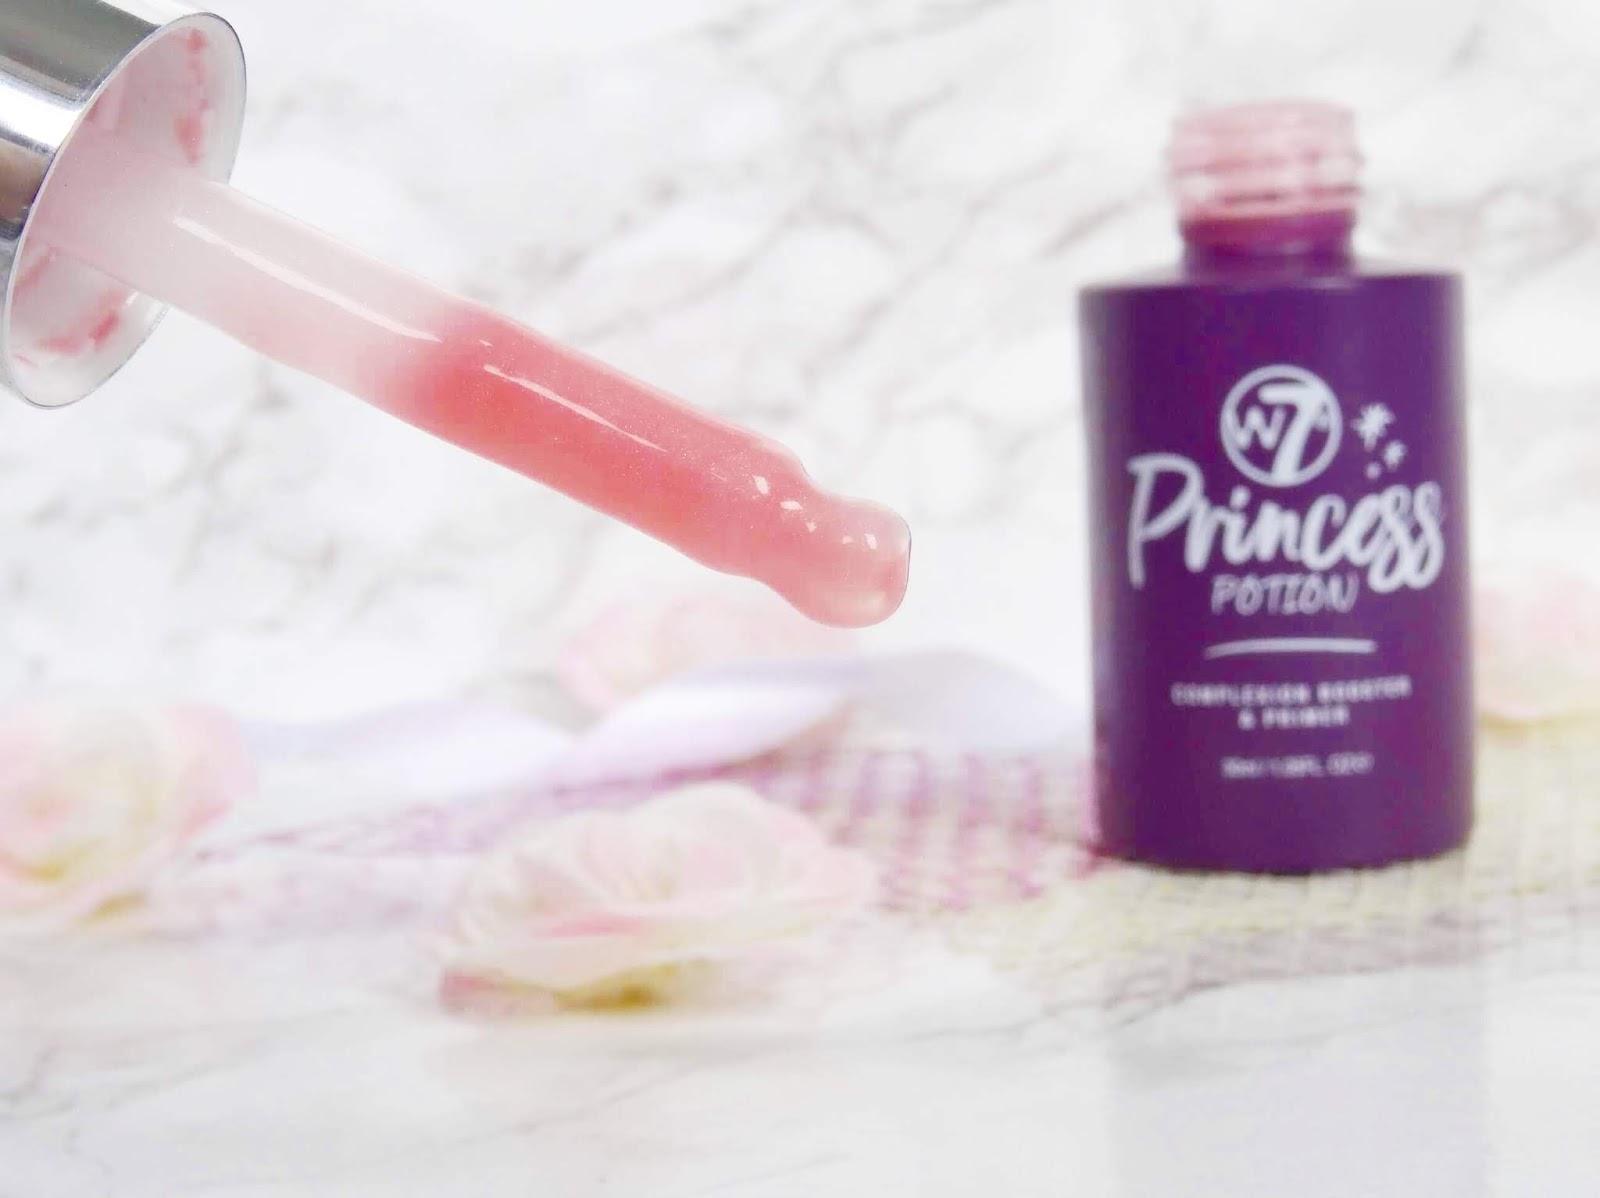 W7 Princess Potion Review